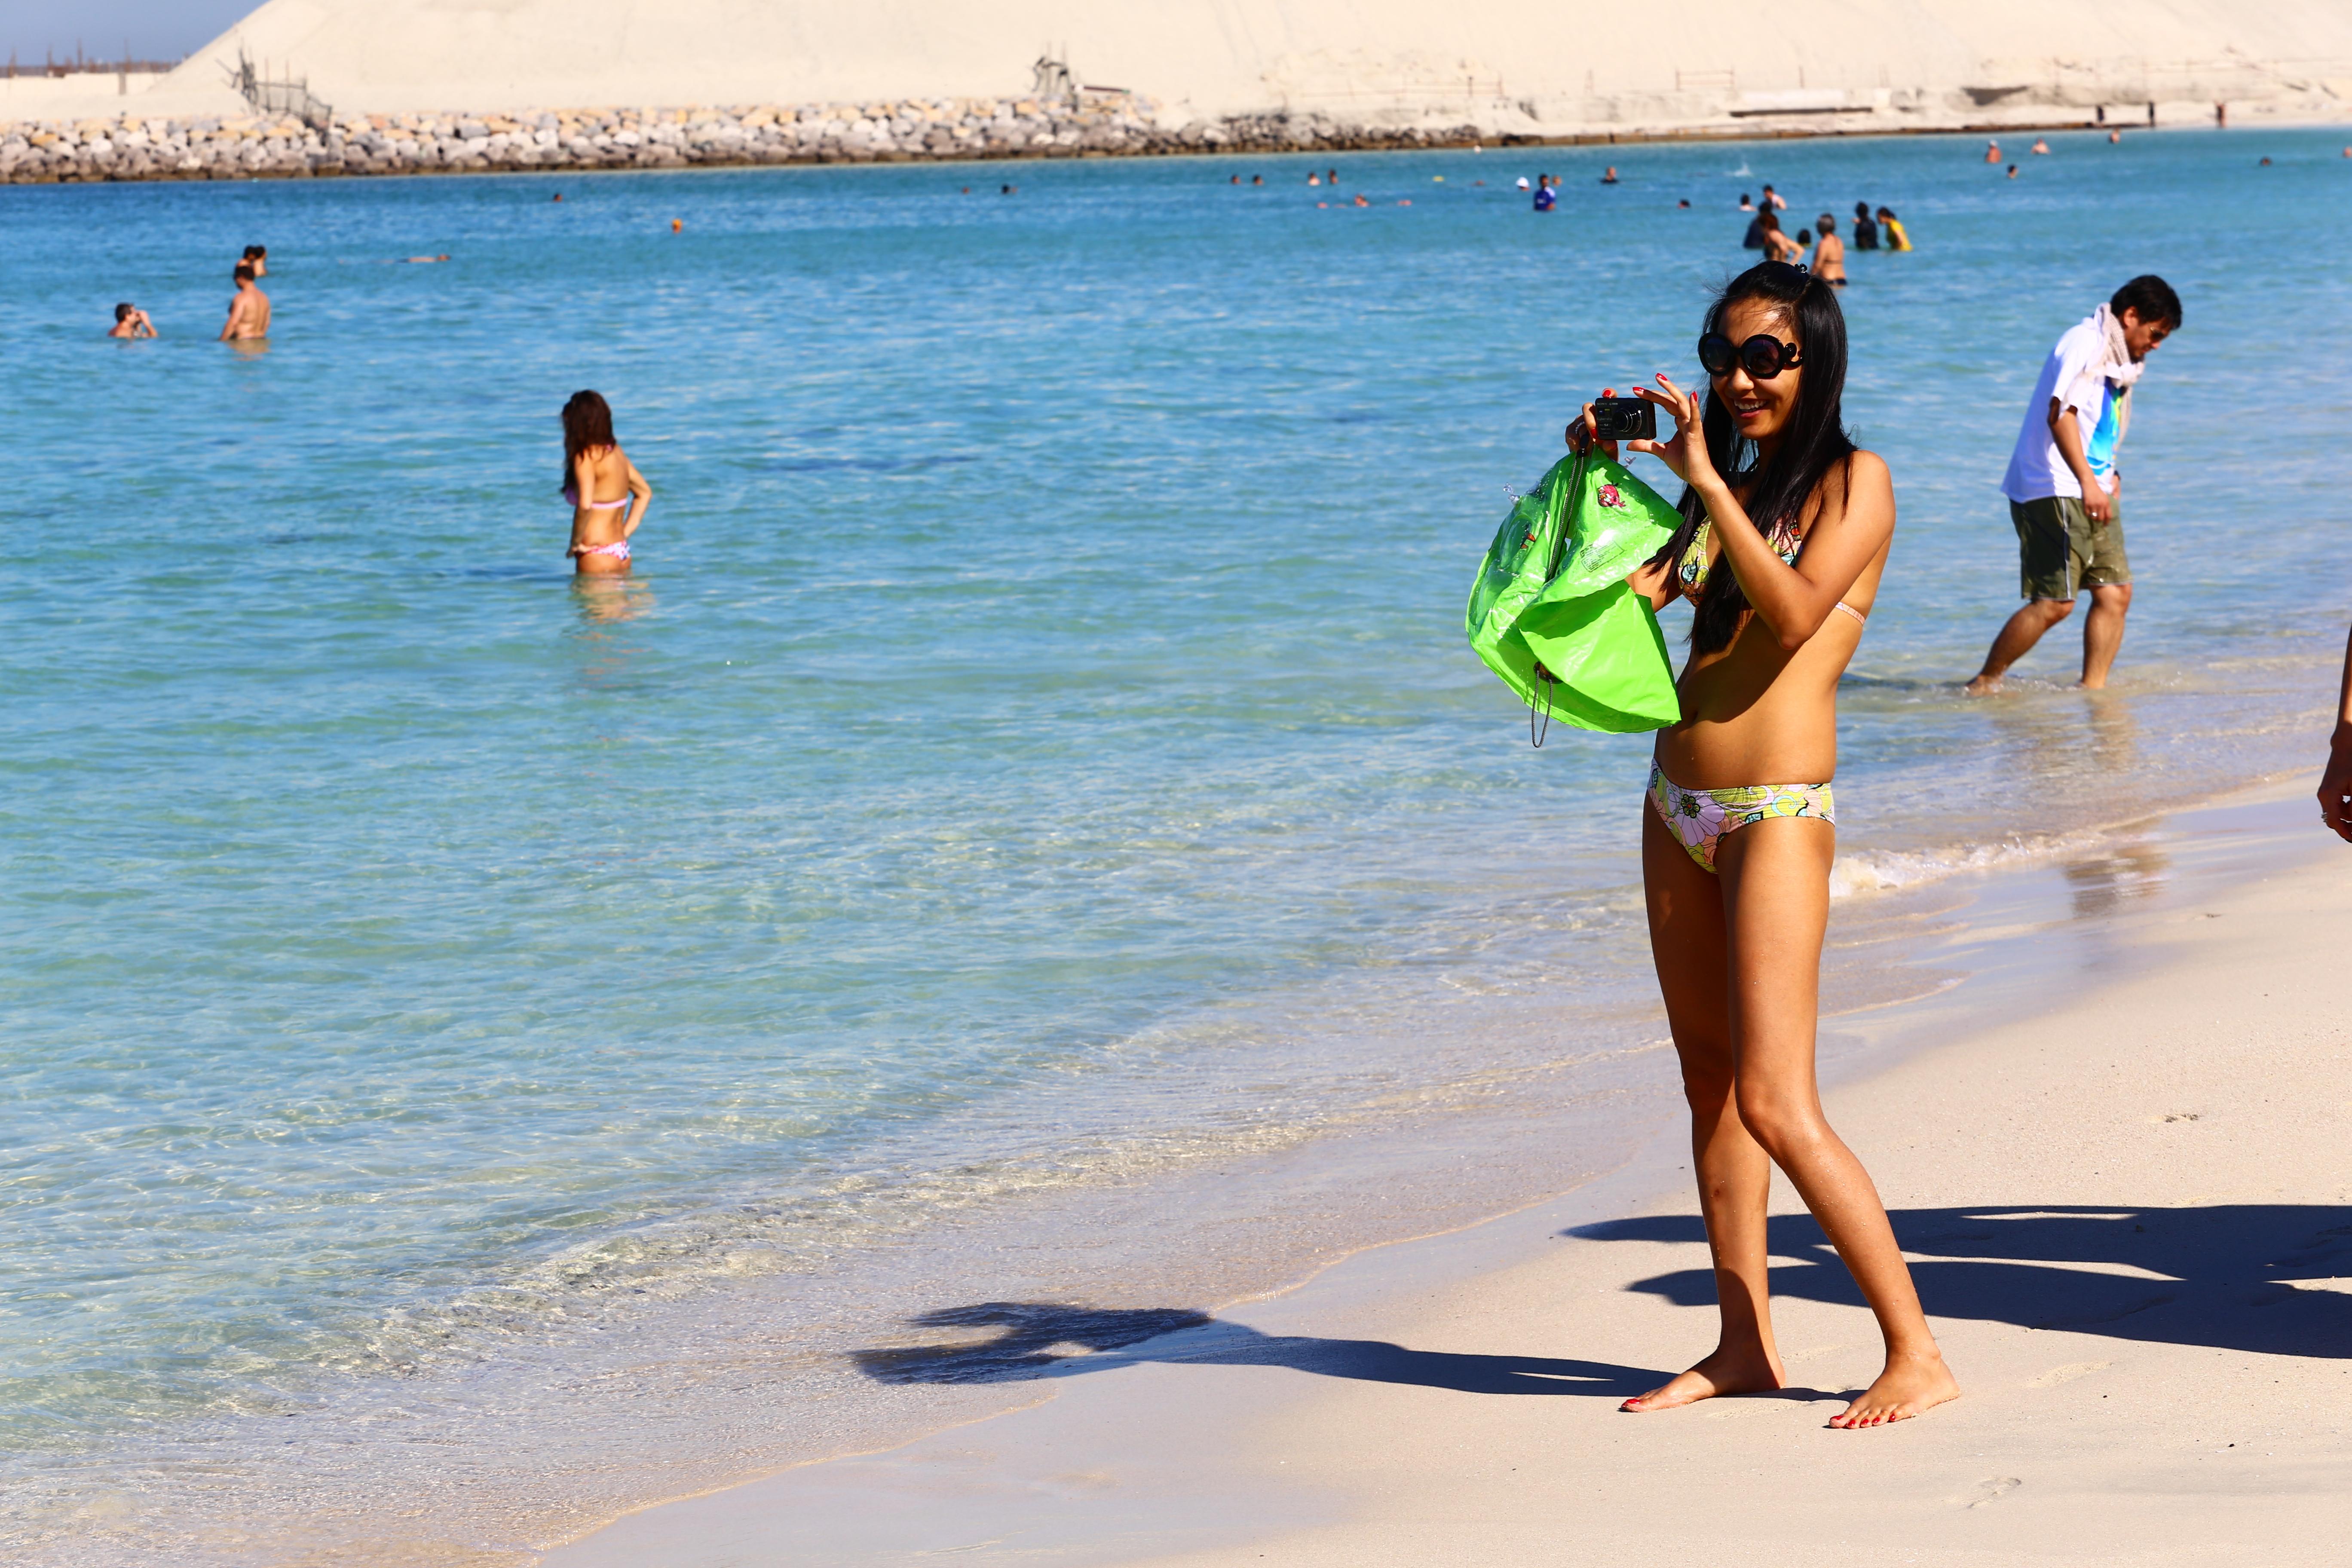 朱美拉海滩公园 迪拜朱美拉海滩公园攻略/地址/图片